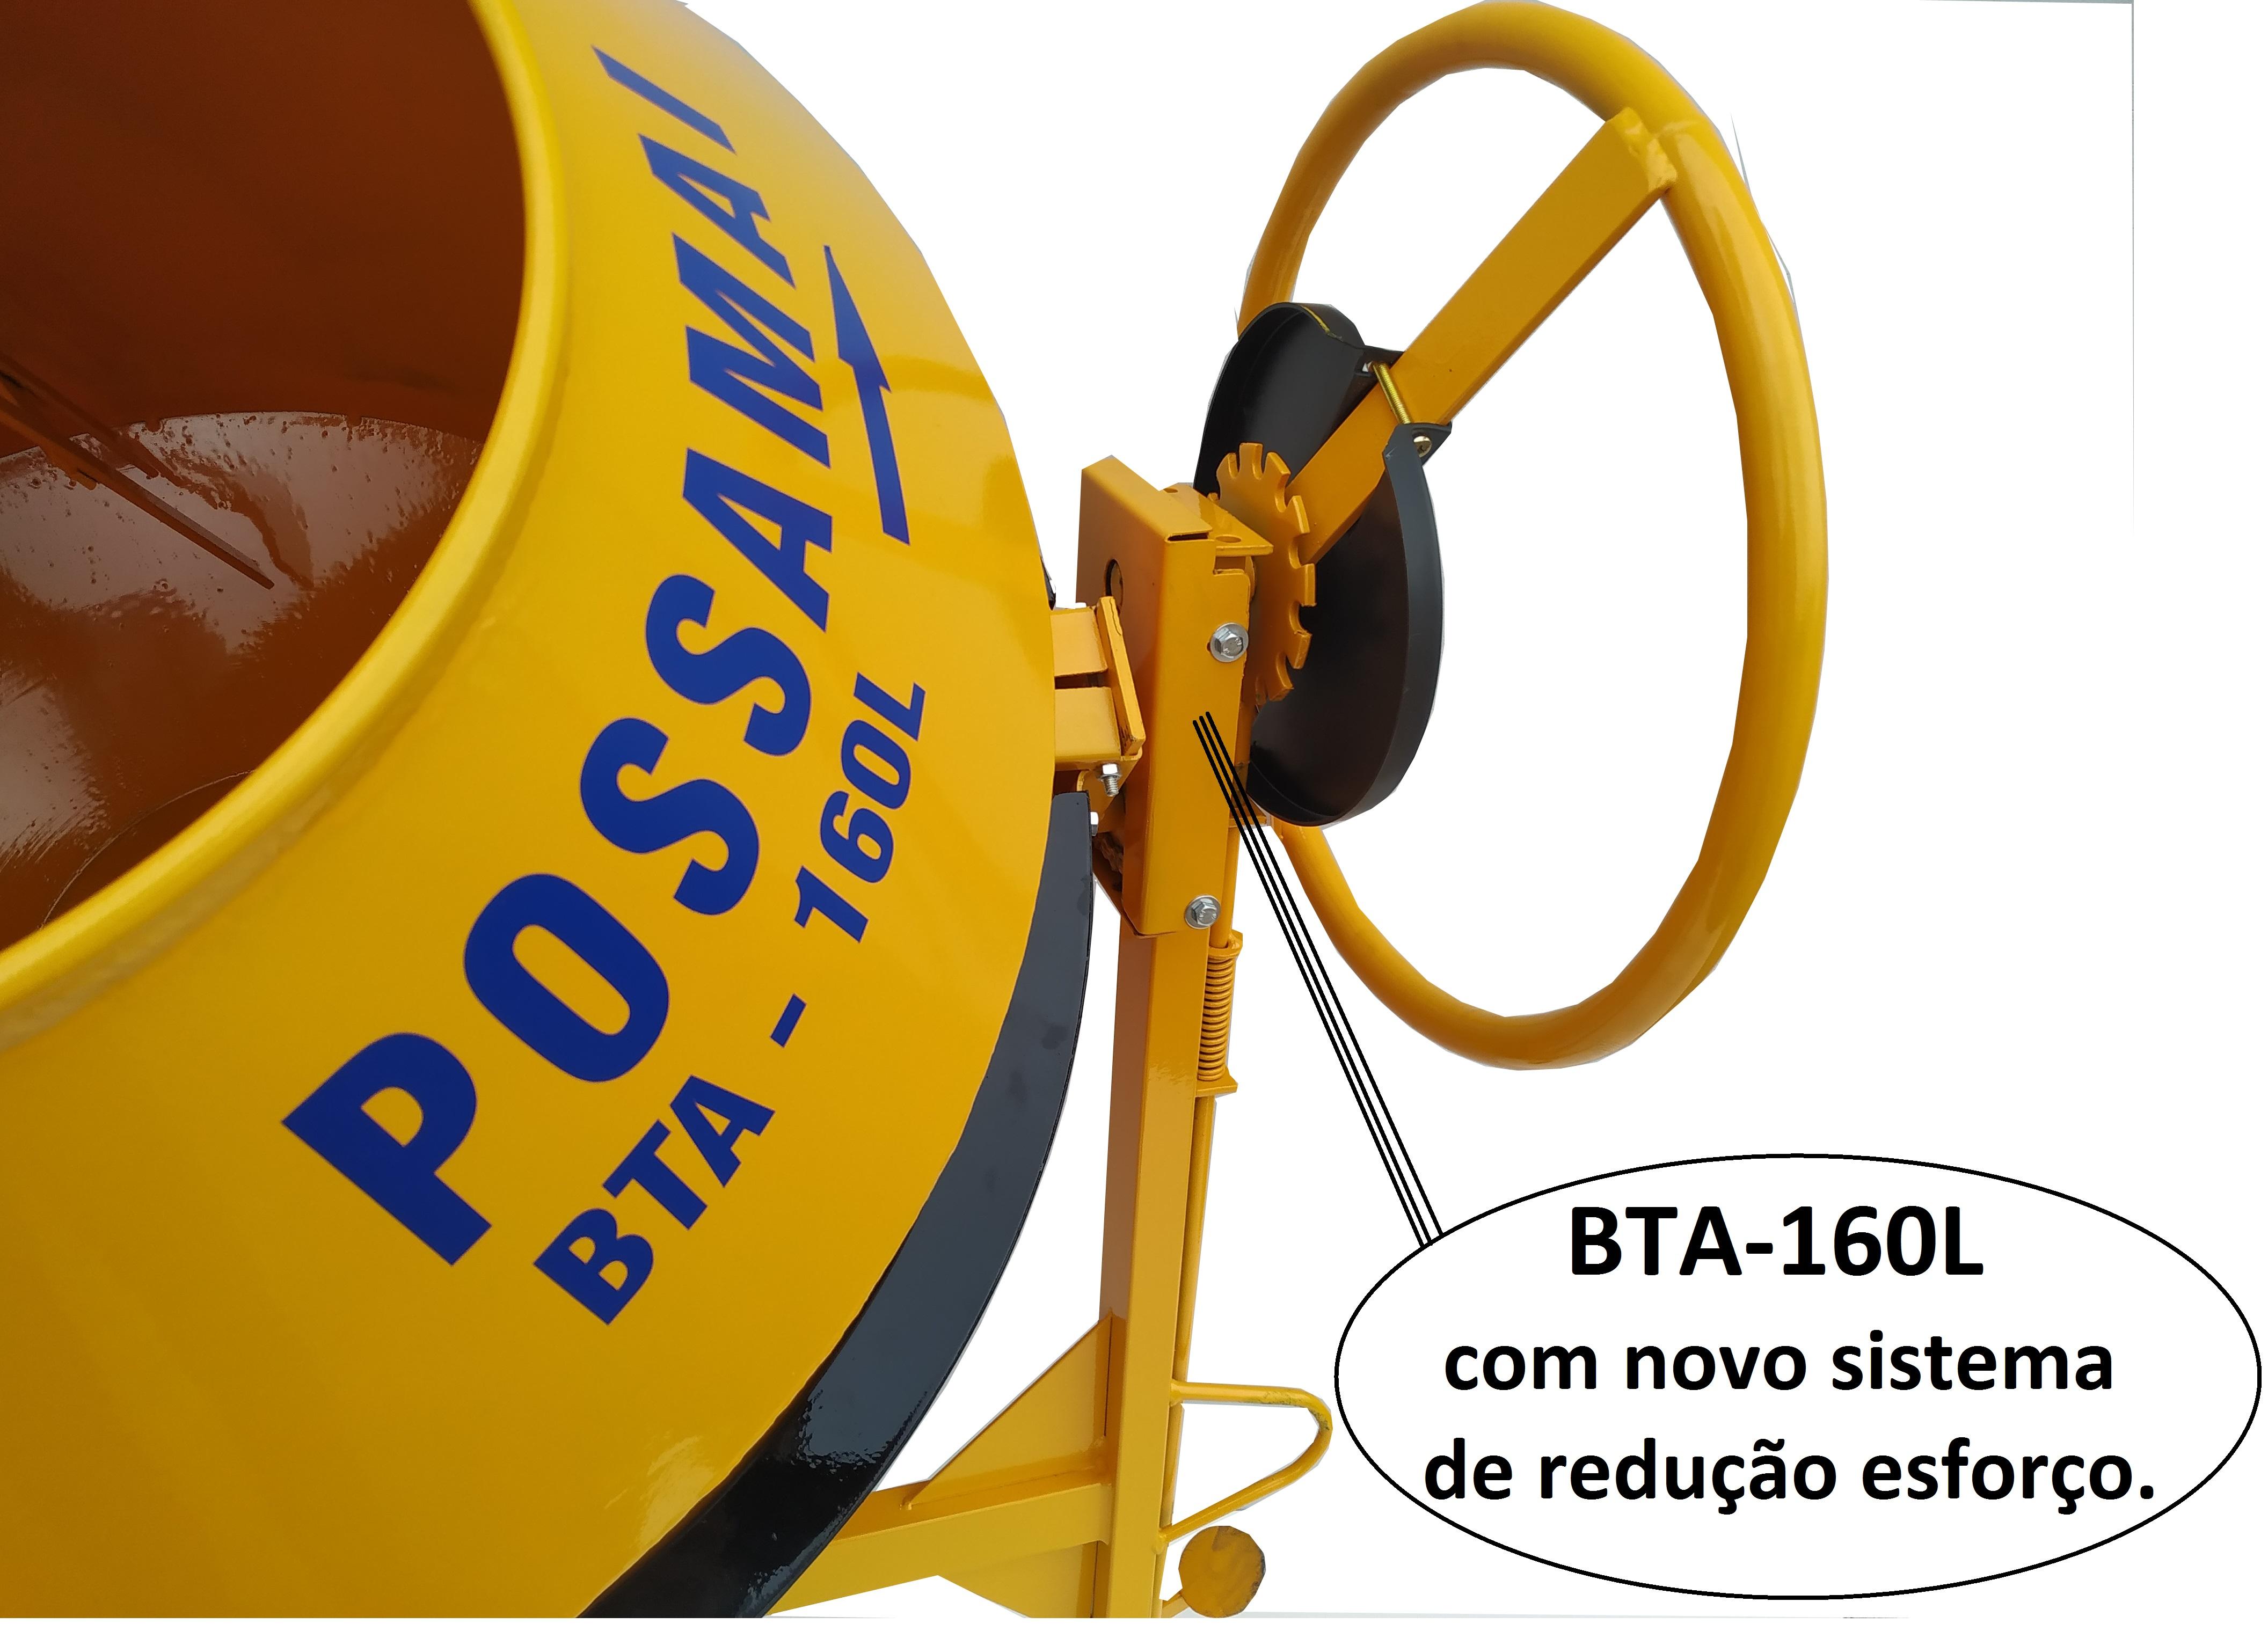 produto-171736202004305eab3260e6f9a.jpeg